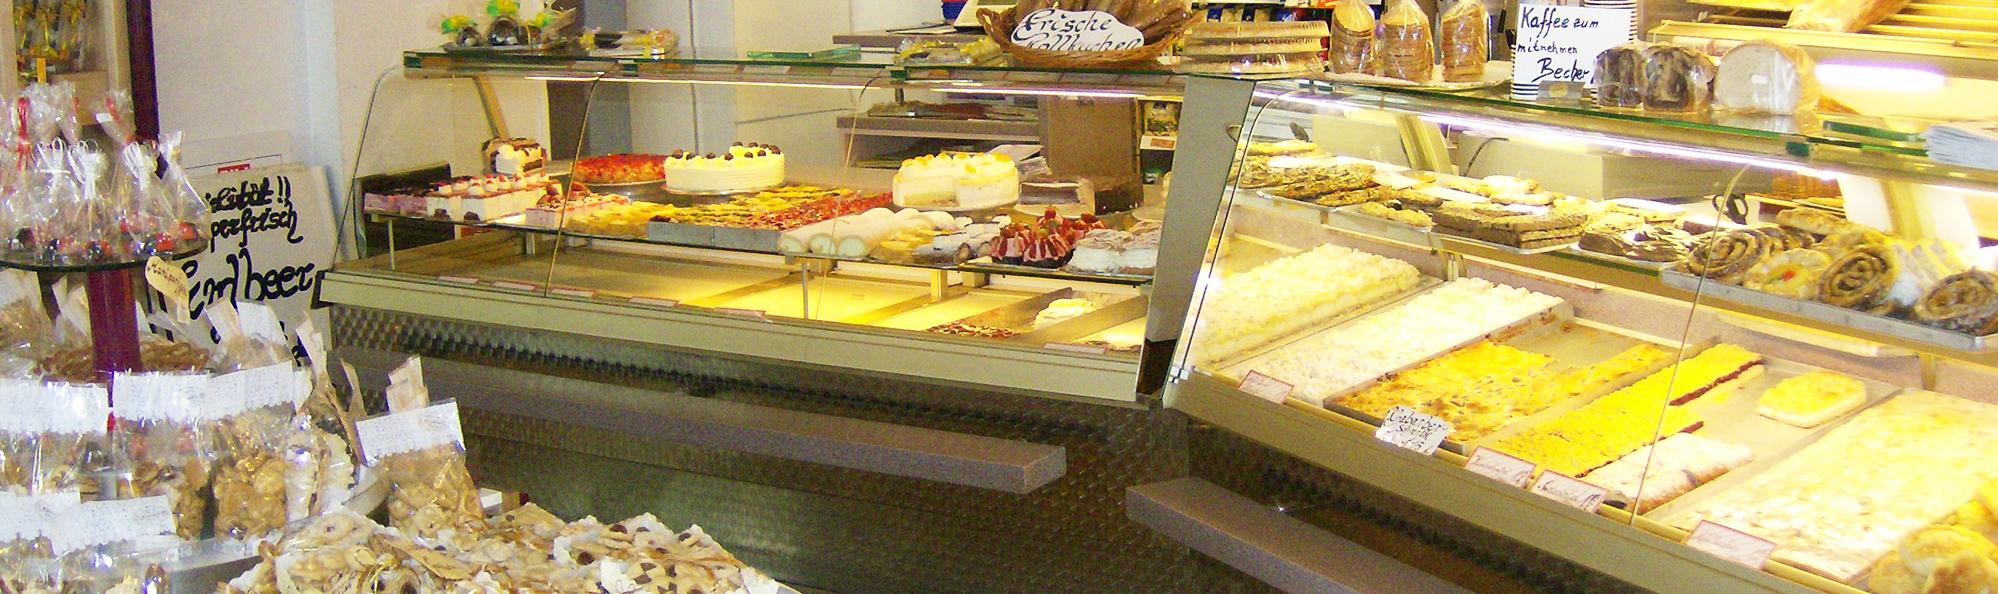 Café Konditorei Probst - Außenansicht